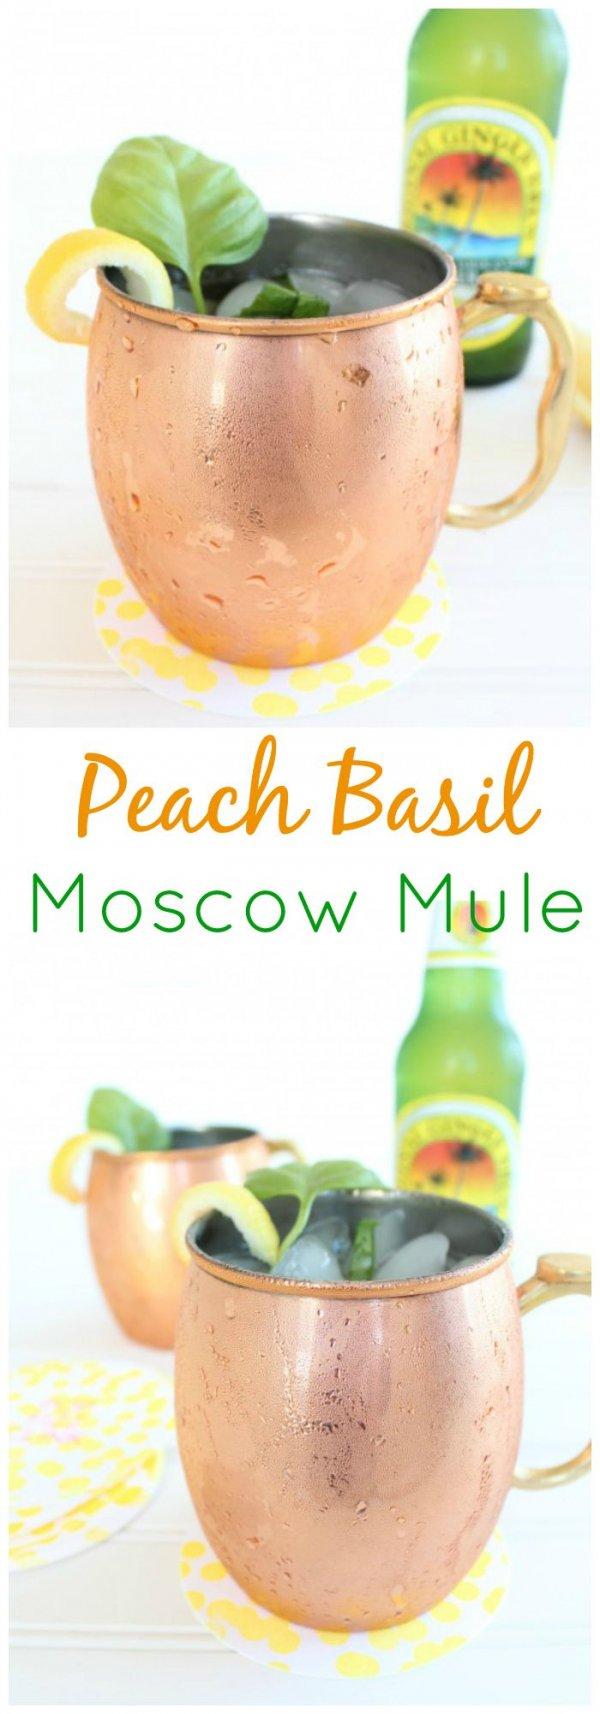 Peach Basil Moscow Mule